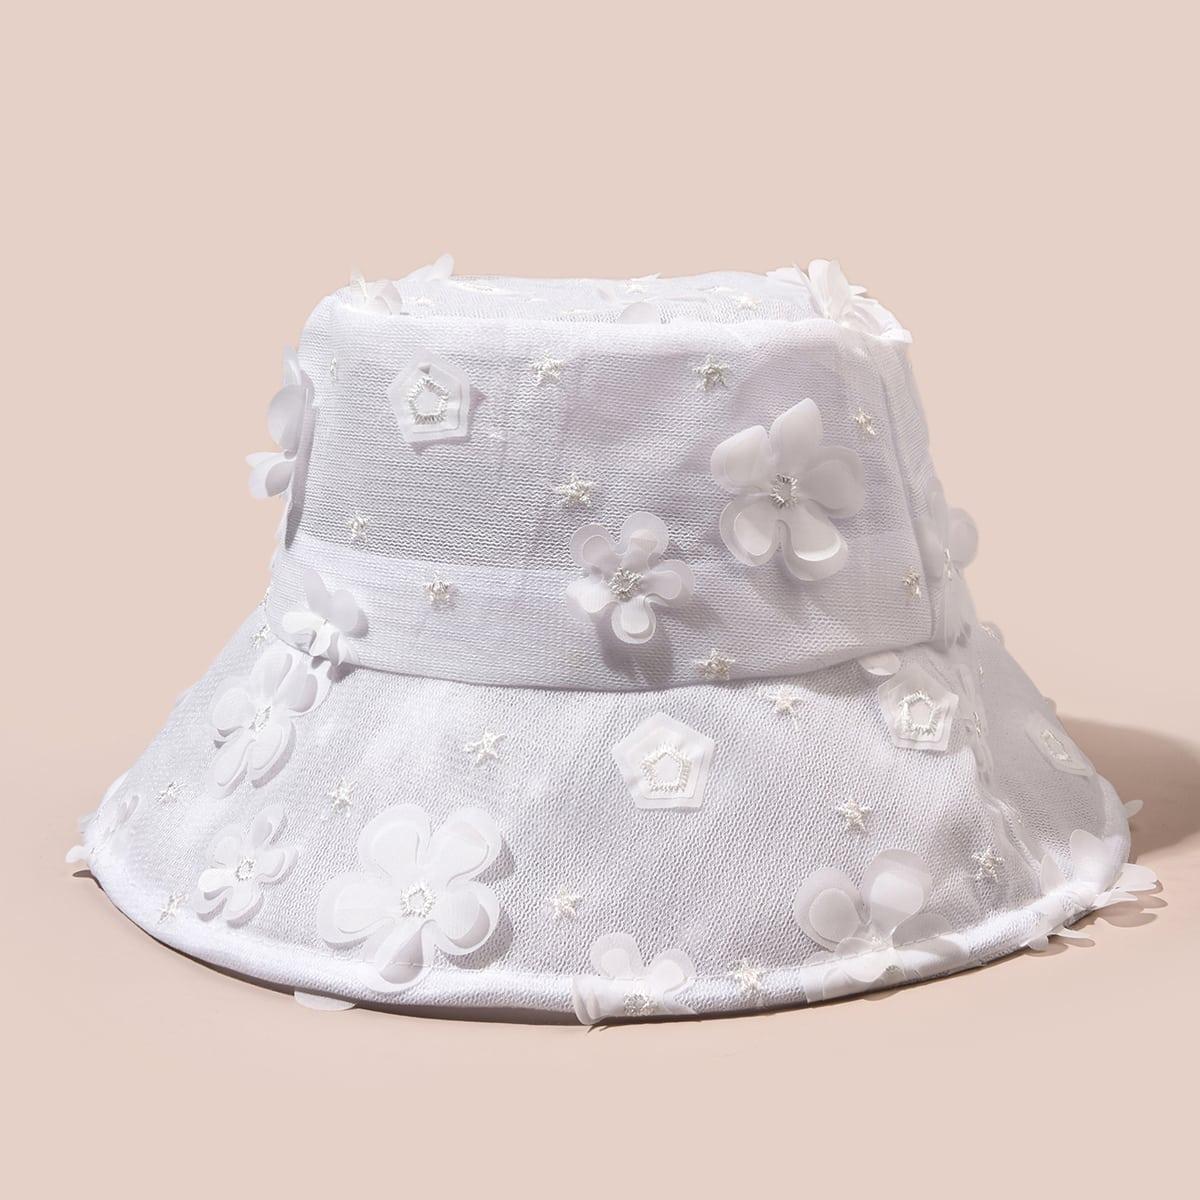 Шляпа с цветком фото